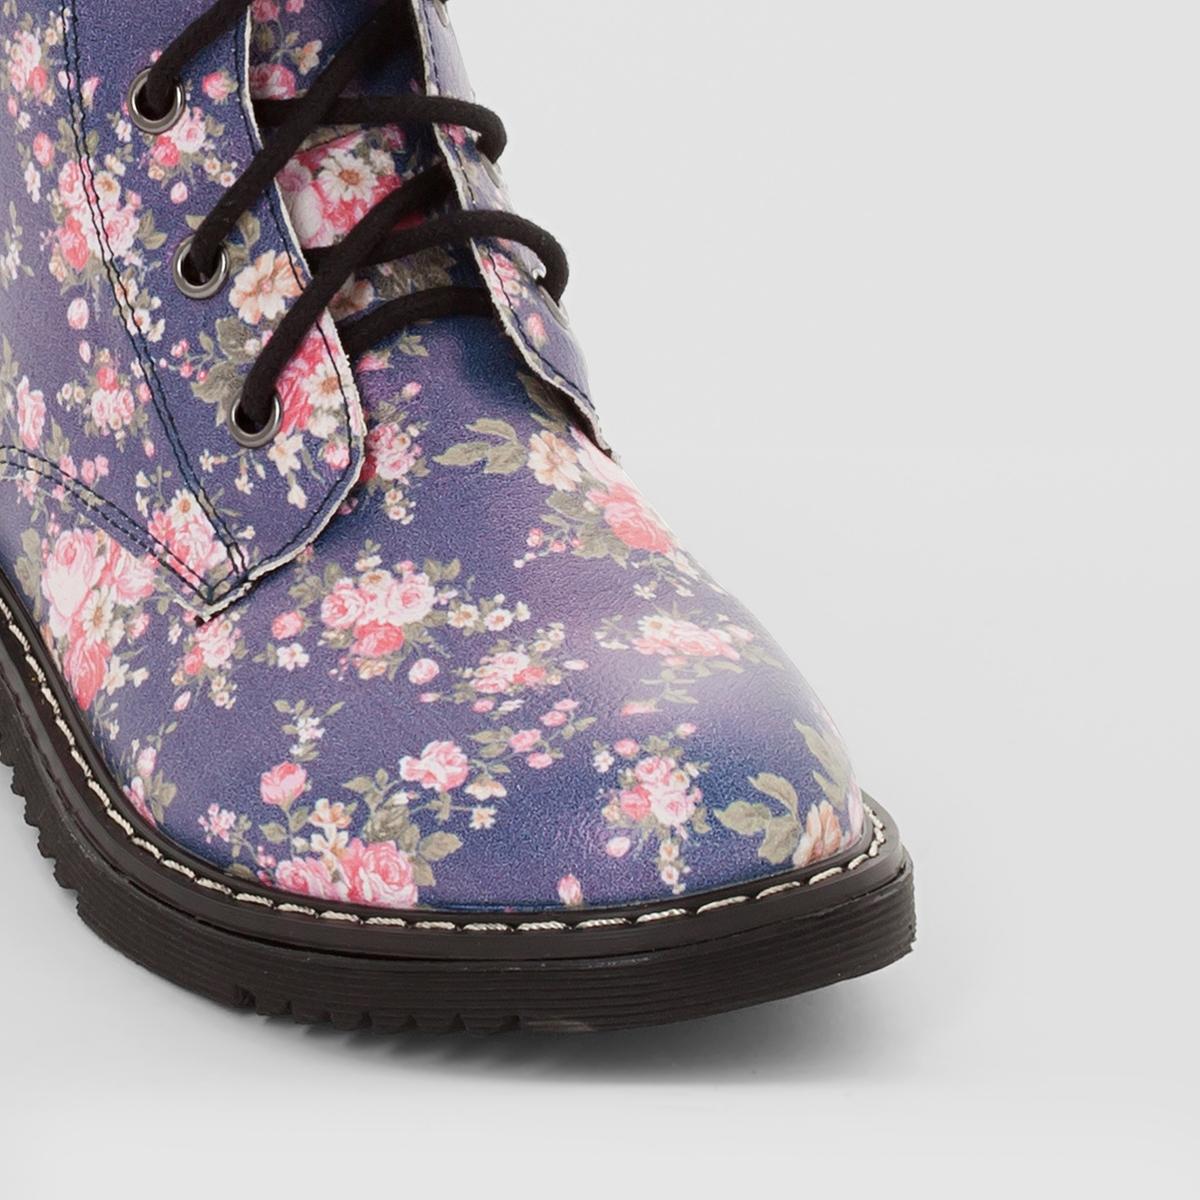 Ботинки с цветочным рисункомБотинки с цветочным рисунком, abcdR. Верх : синтетикаПодкладка : текстильСтелька : текстильПодошва : из эластомера Застежка : шнуровка и молния (молния до 35 размера)Ботинки в бойцовском стиле, украшенные цветочным рисунком : прекрасная обувь для ношения в школе и для прогулок для подростков !<br><br>Цвет: цветочный рисунок<br>Размер: 27